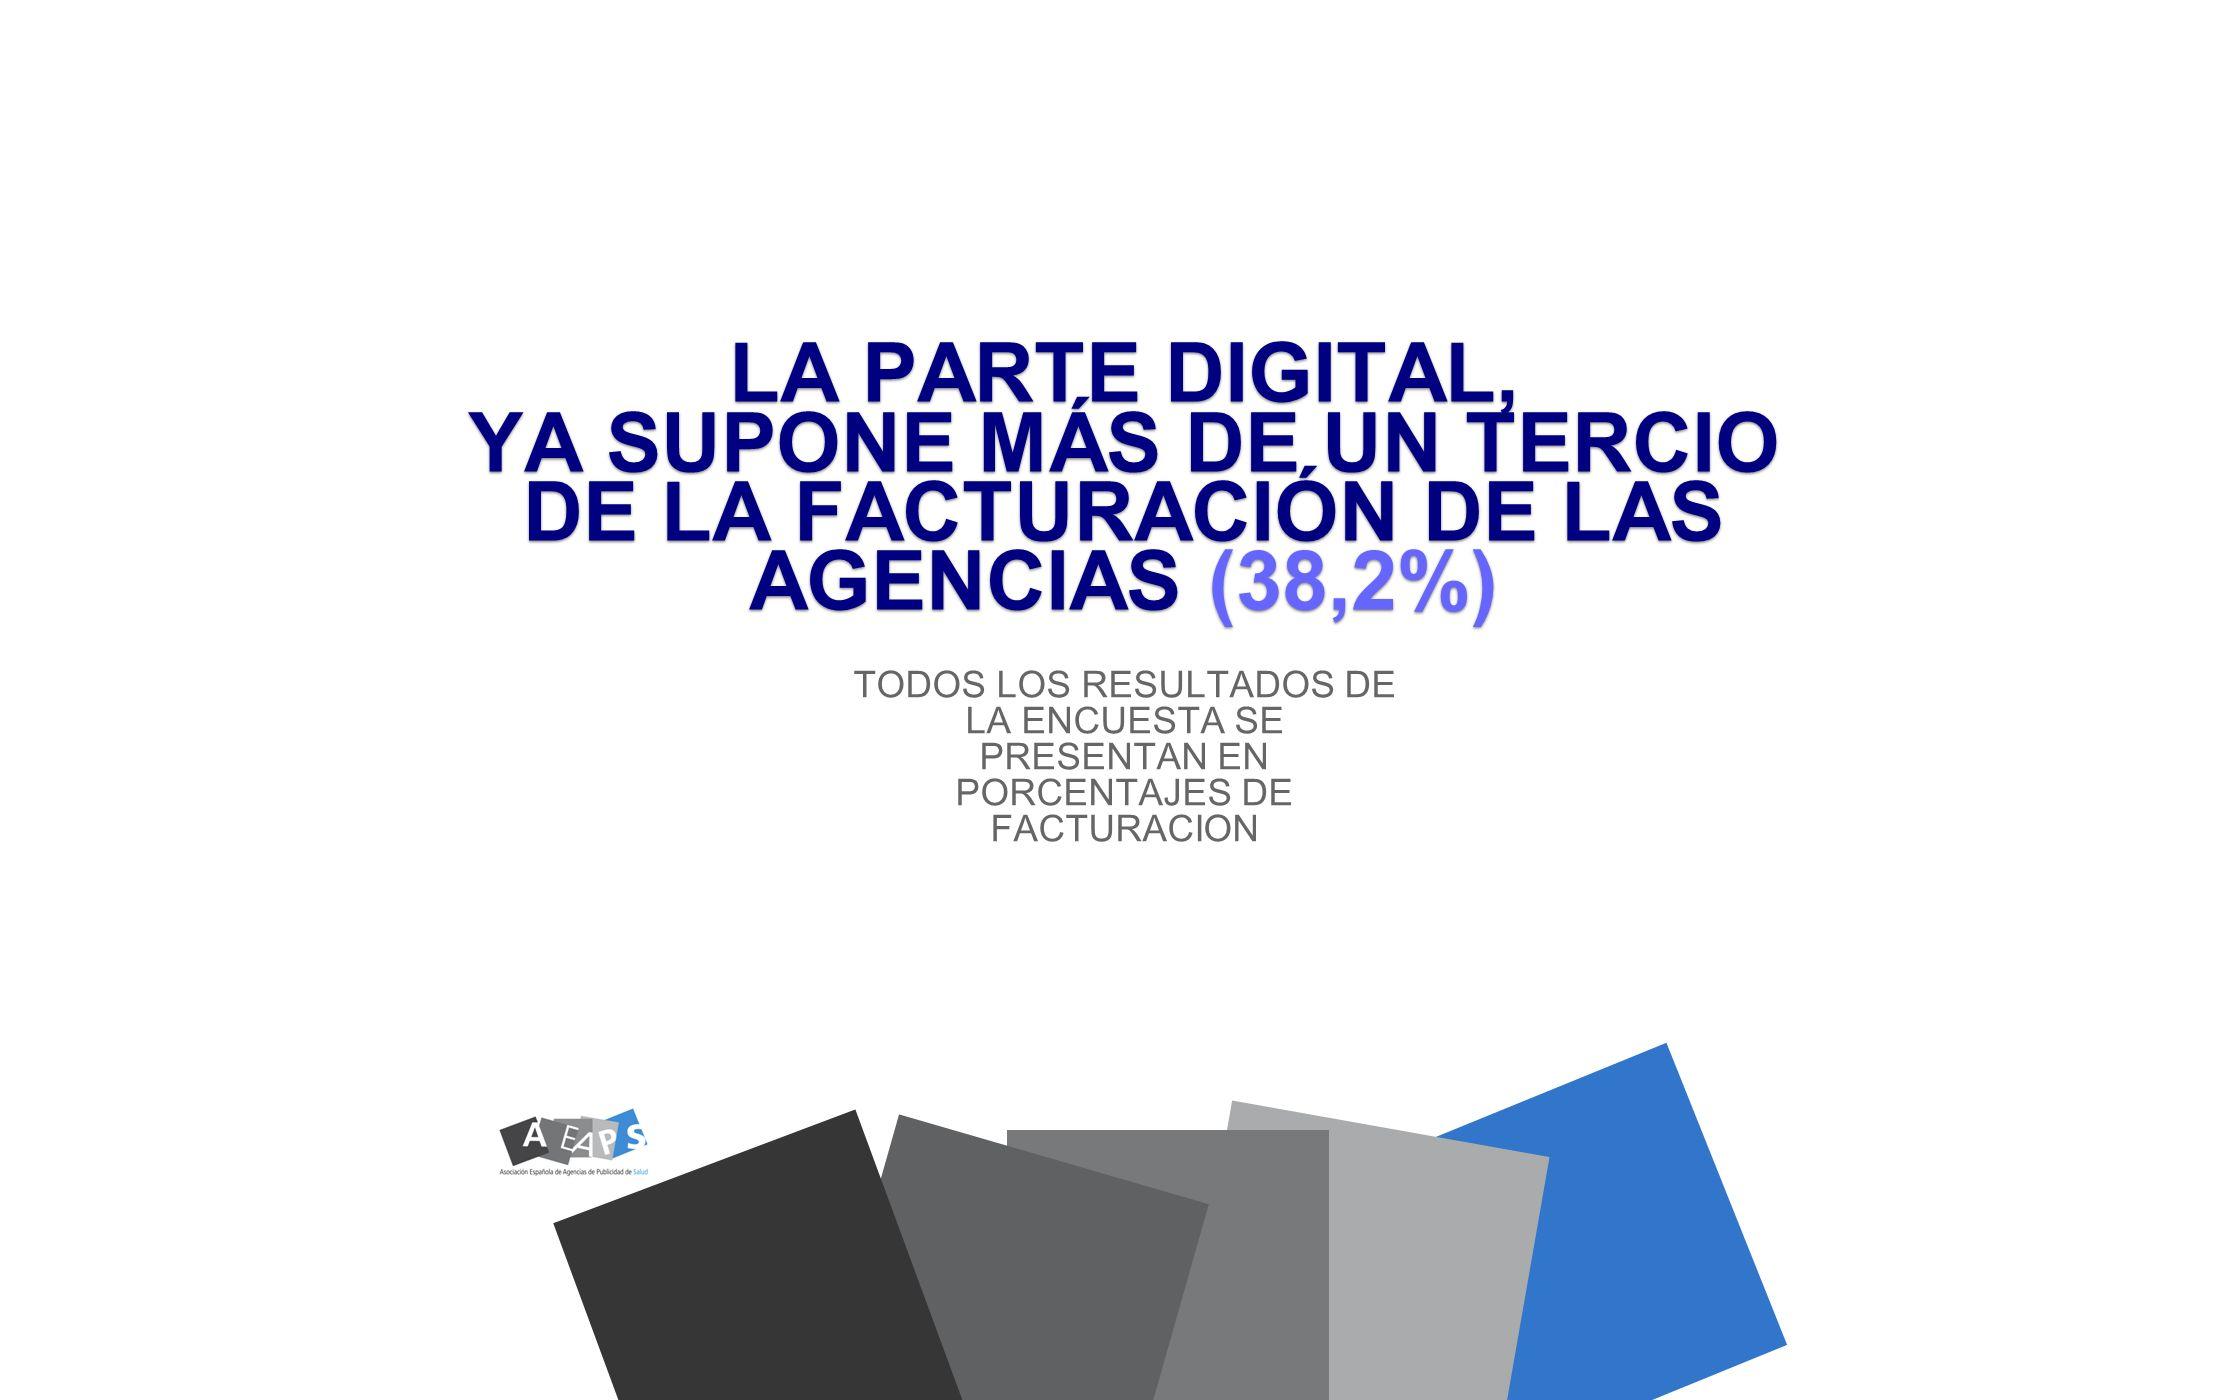 LA PARTE DIGITAL, YA SUPONE MÁS DE UN TERCIO DE LA FACTURACIÓN DE LAS AGENCIAS (38,2%)